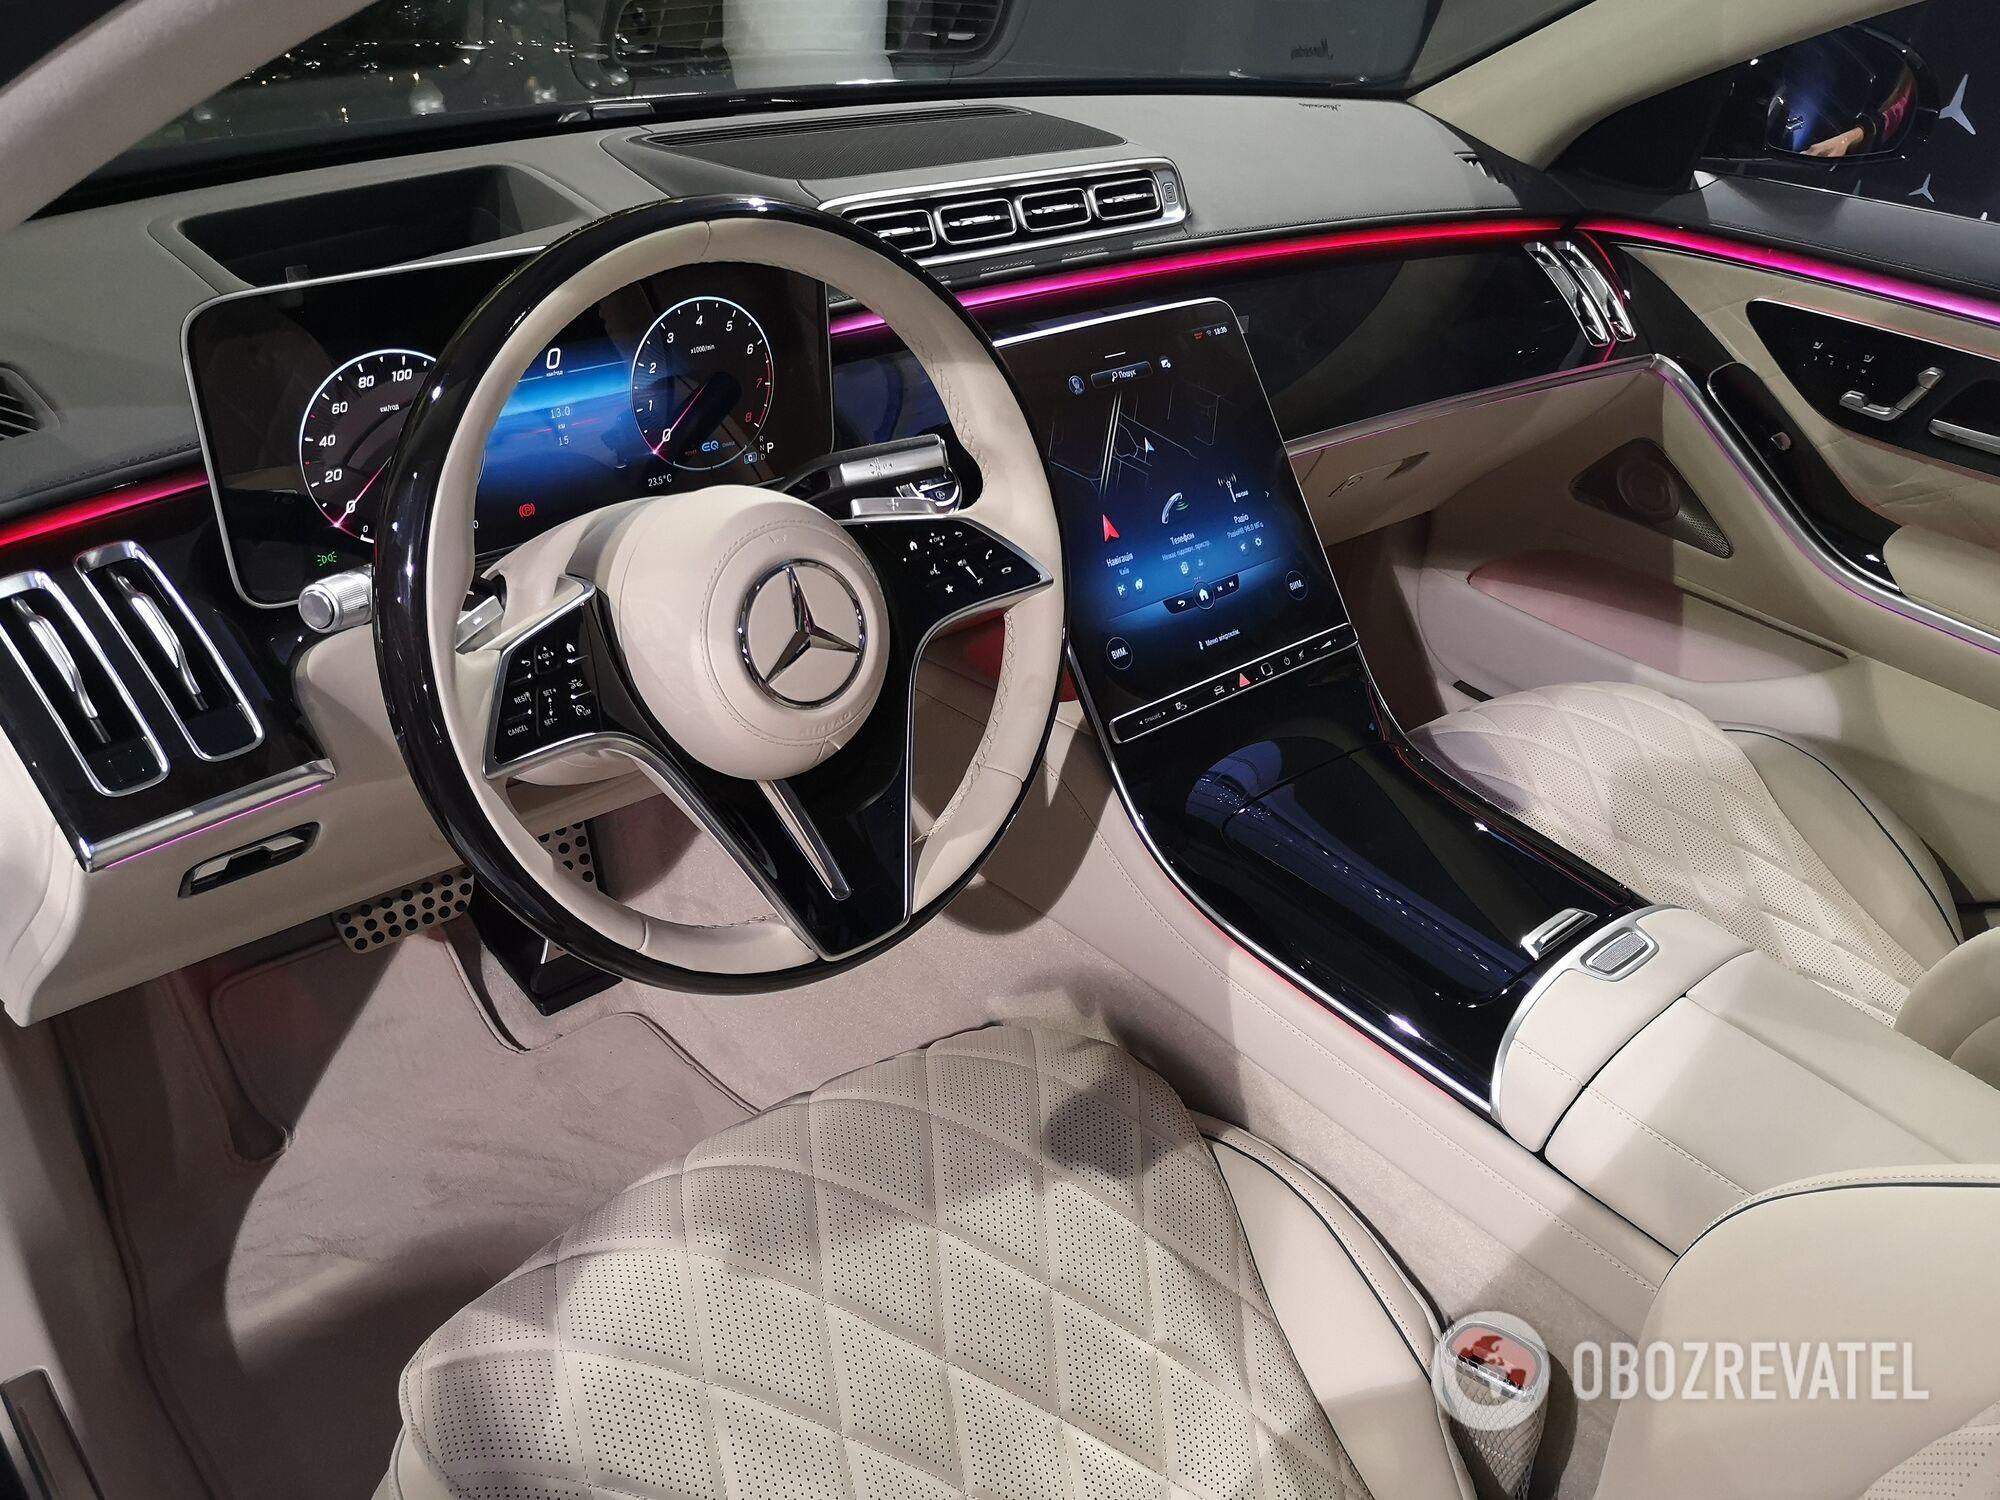 Оперативную информацию водителю предоставляет цифровая приборная панель с диагональю 12,3 дюйма